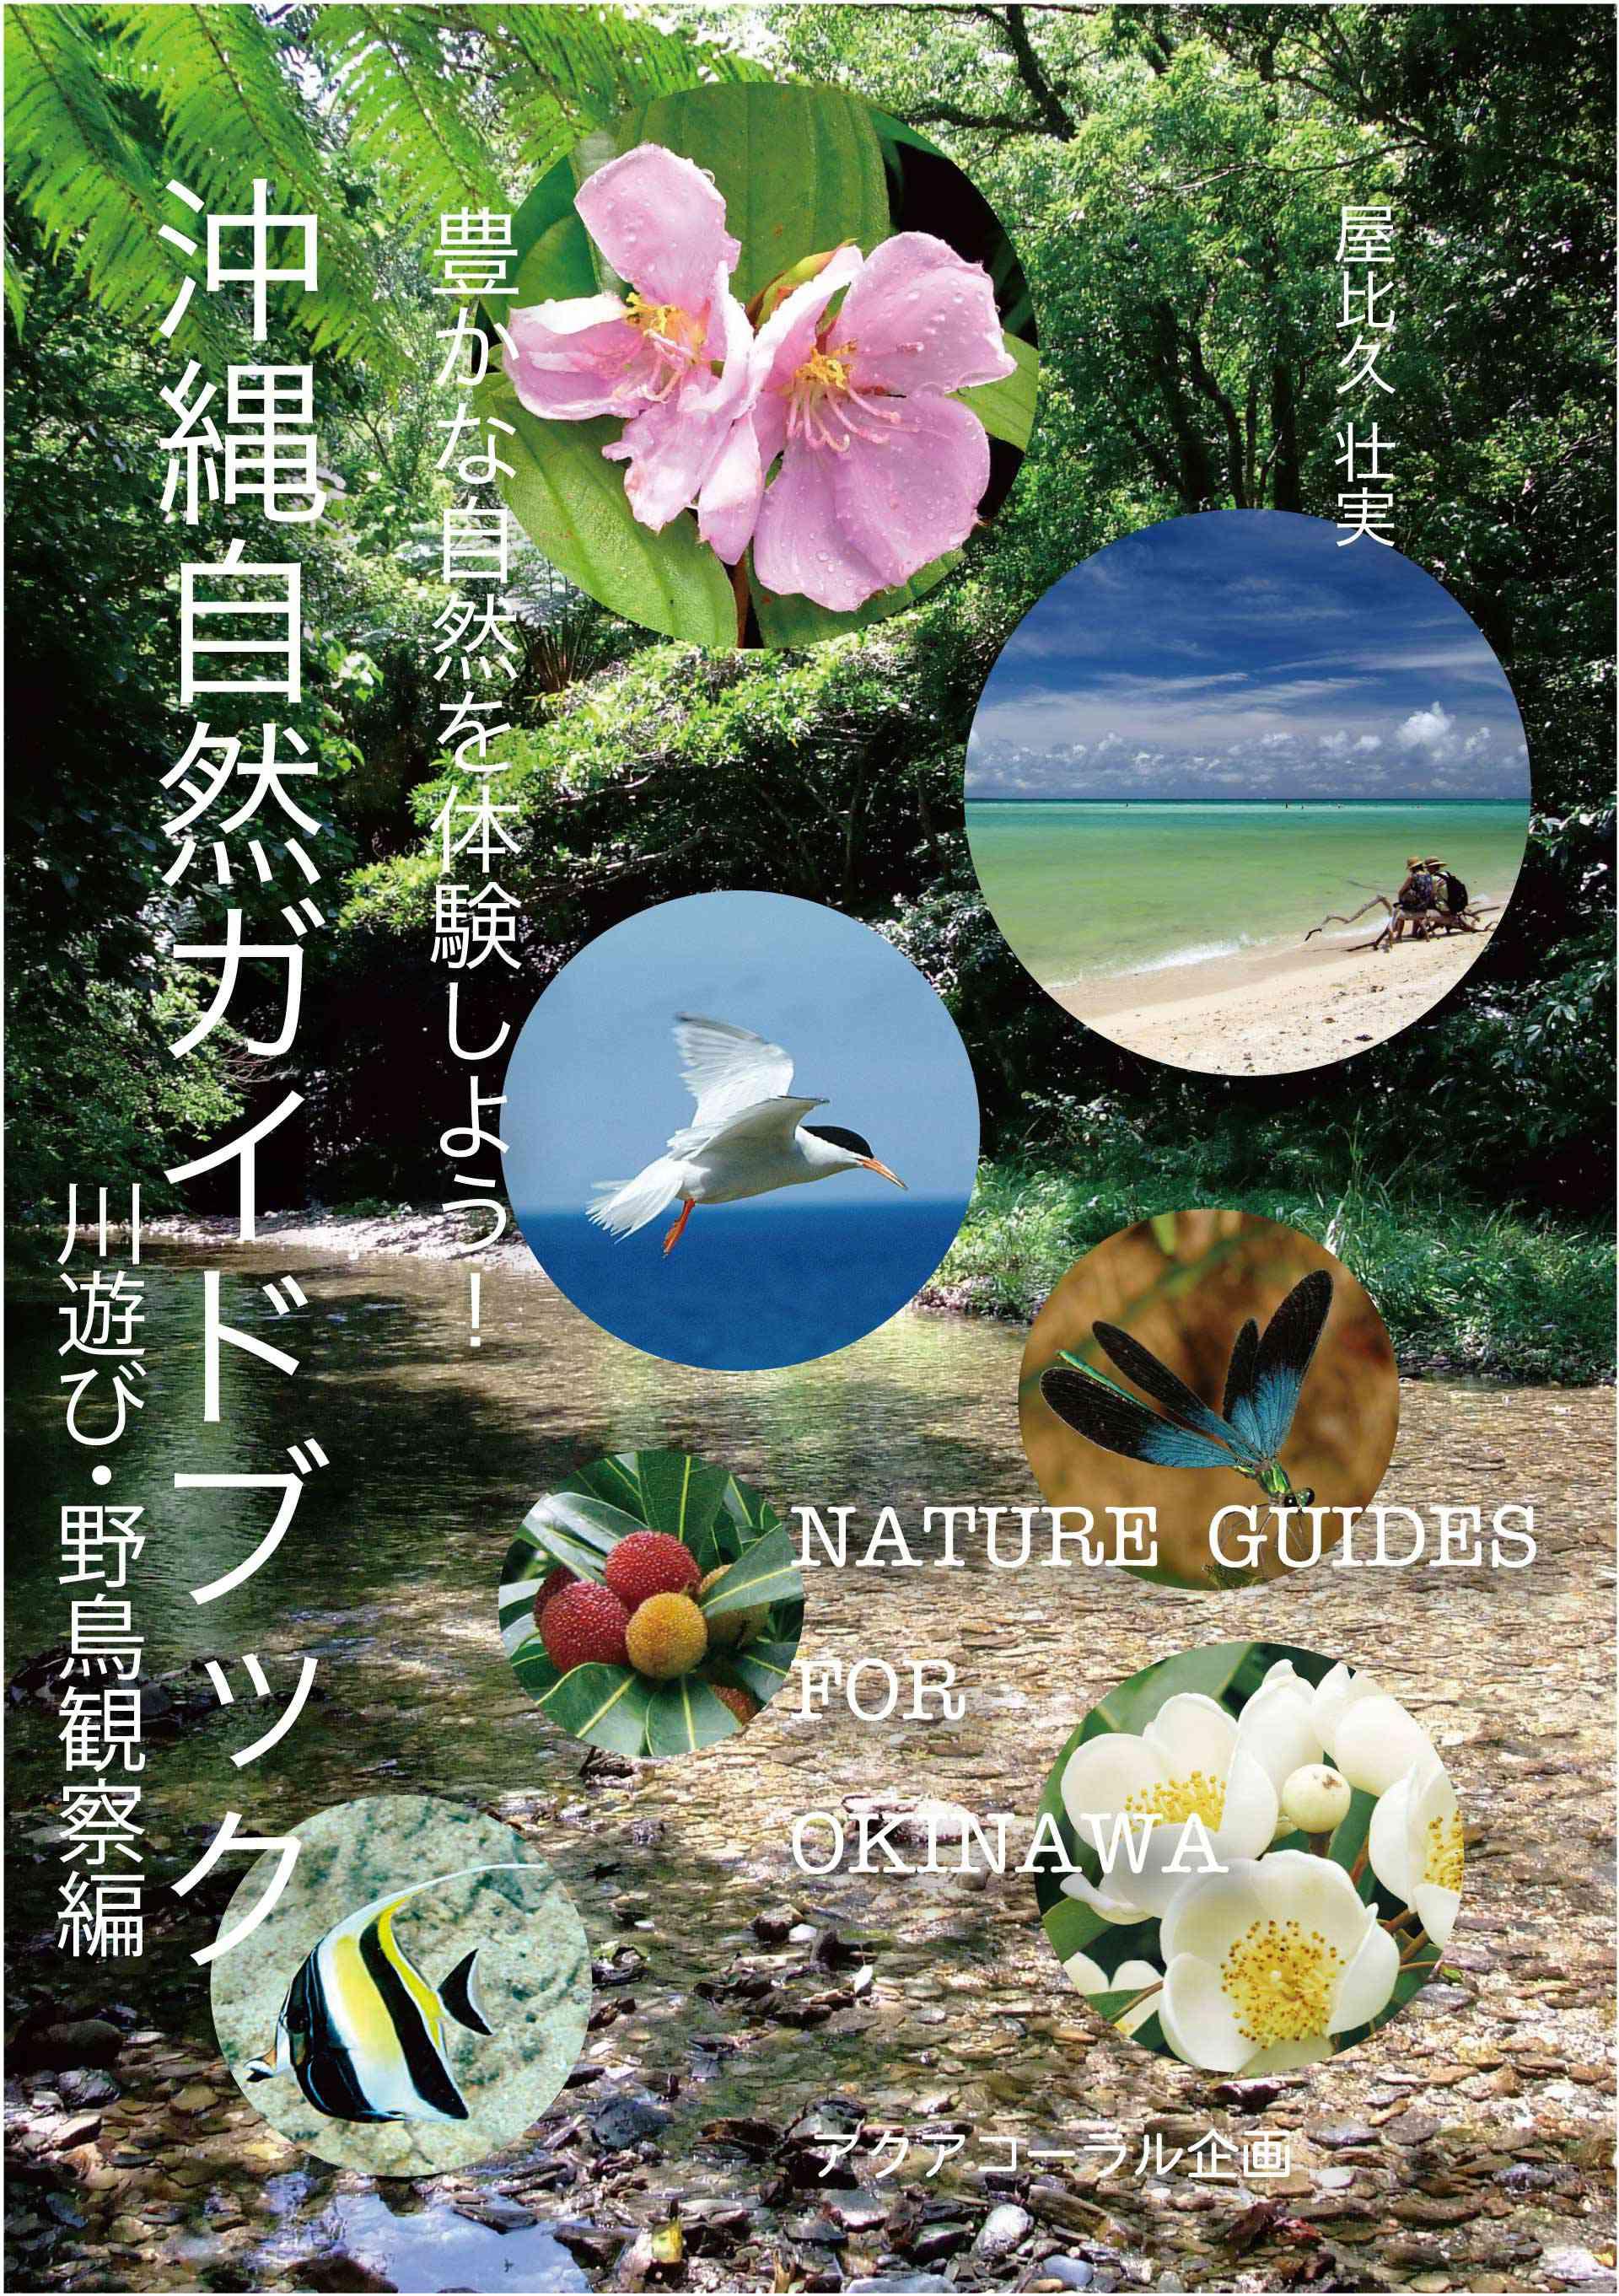 沖縄自然ガイドブック 豊かな自然を体験しよう!川遊び・野鳥観察編